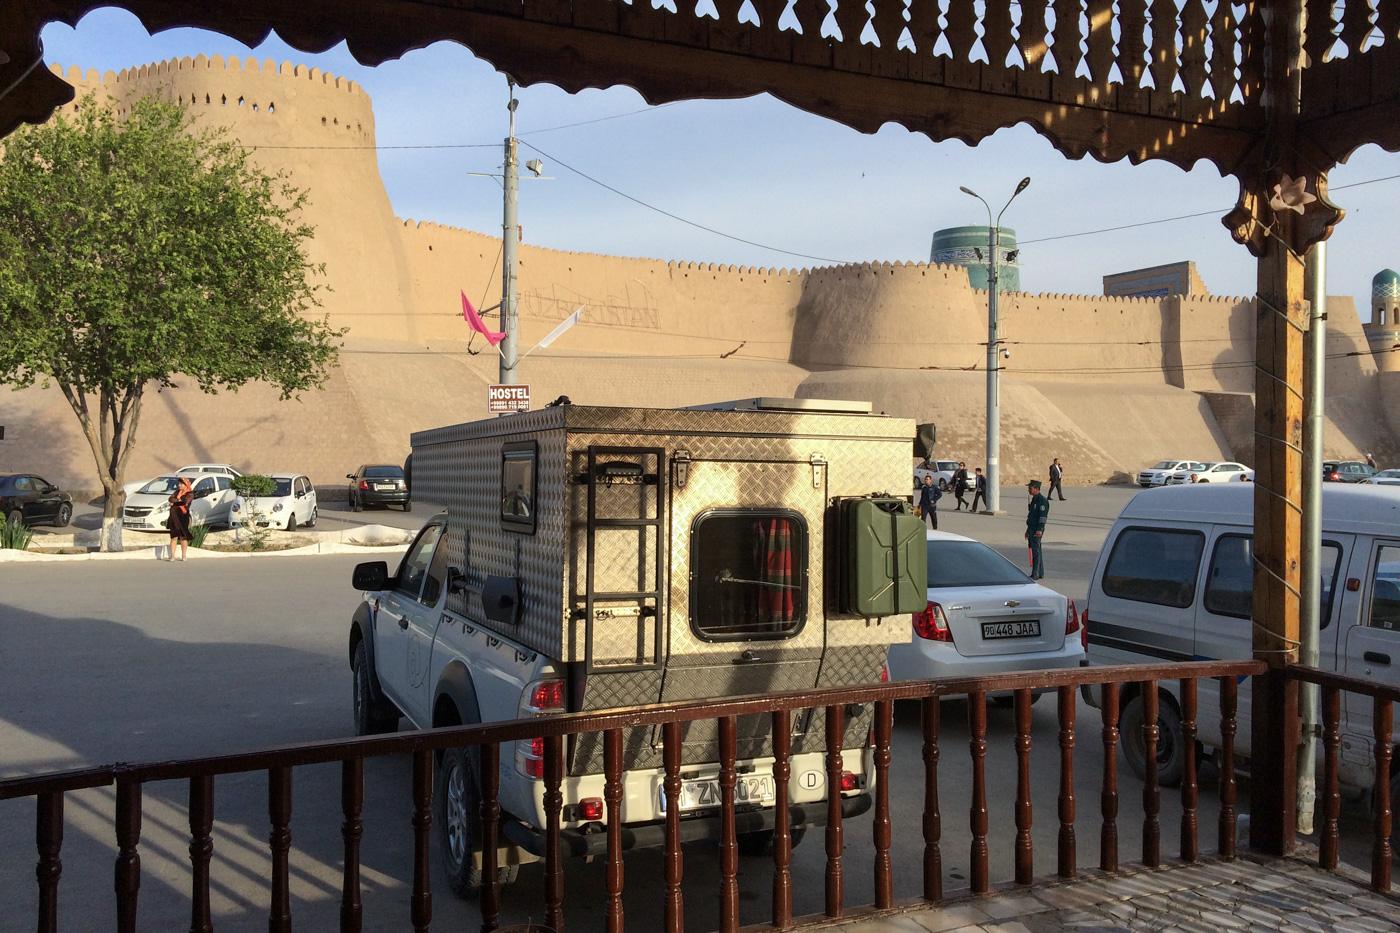 Deutlich weniger ruhiger Stellplatz vor einem Hostel direkt am Westtor zur Altstadt Chiwas.